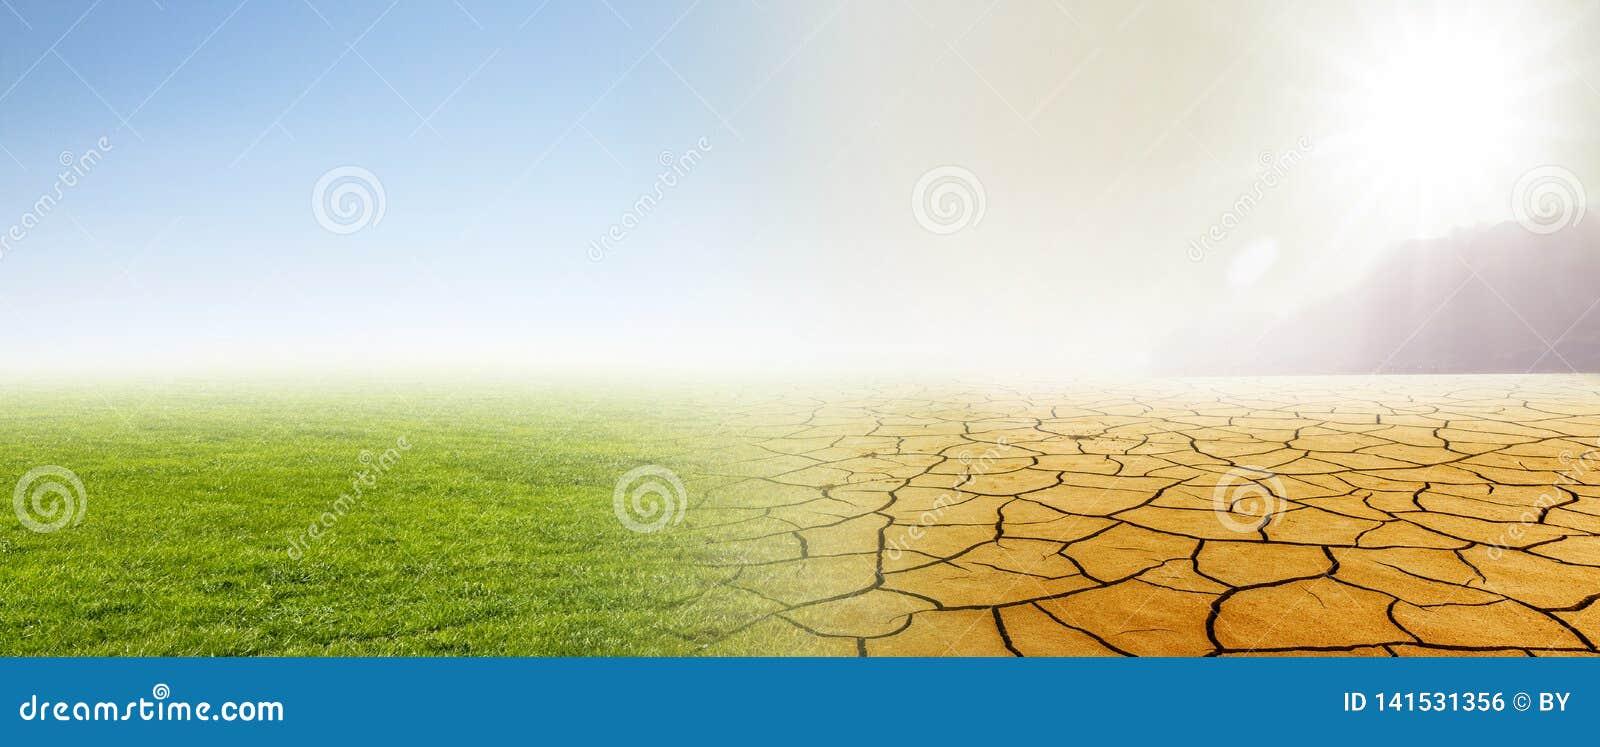 Zmiana klimatu od łąki pustynia